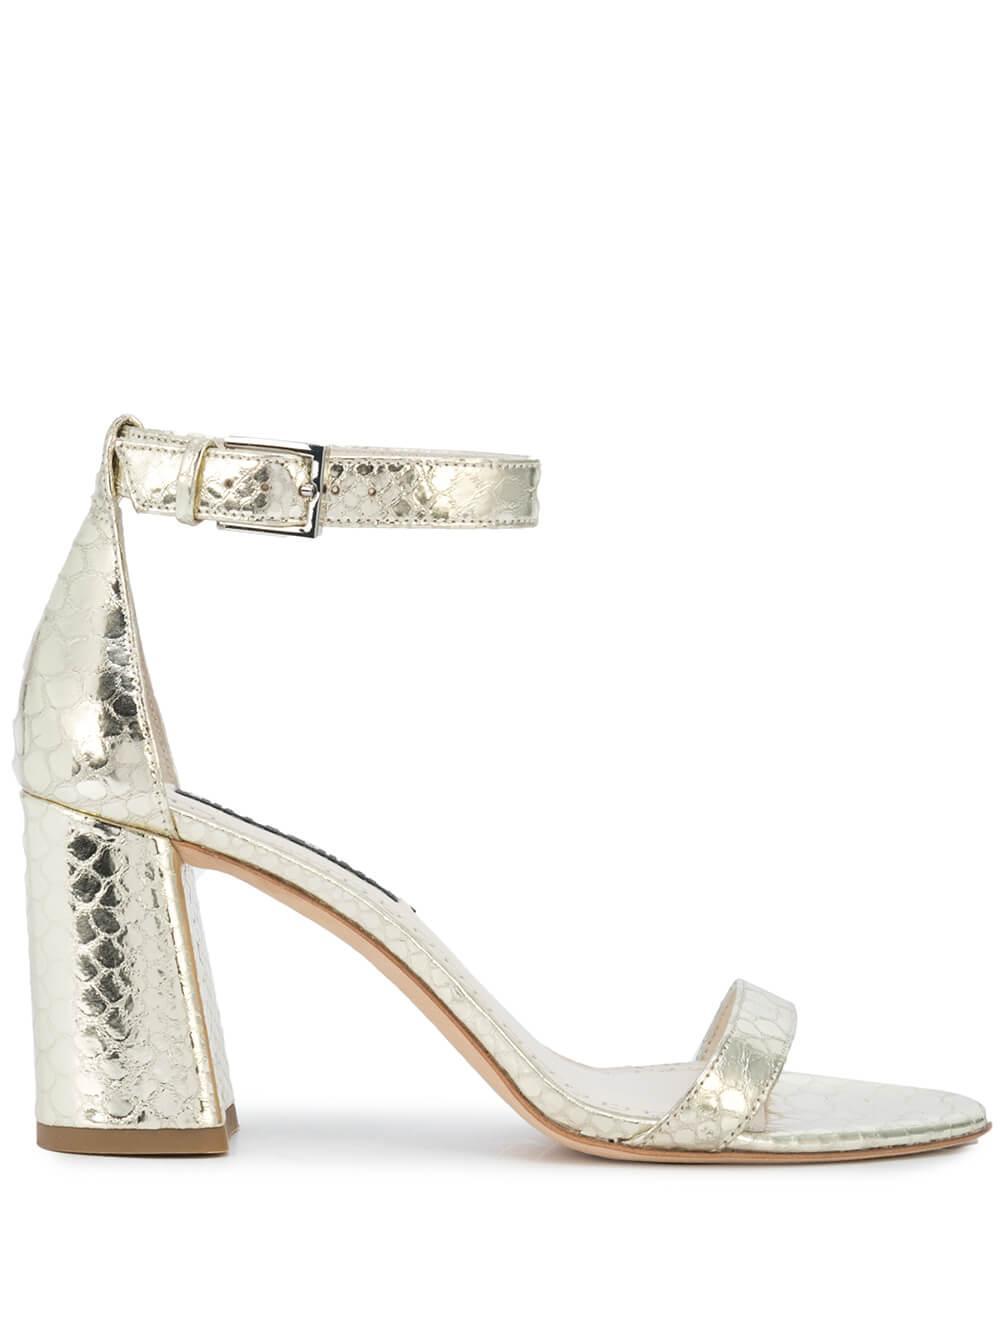 Ankle Strap Block Heel Sandal Item # LILLIAN-G